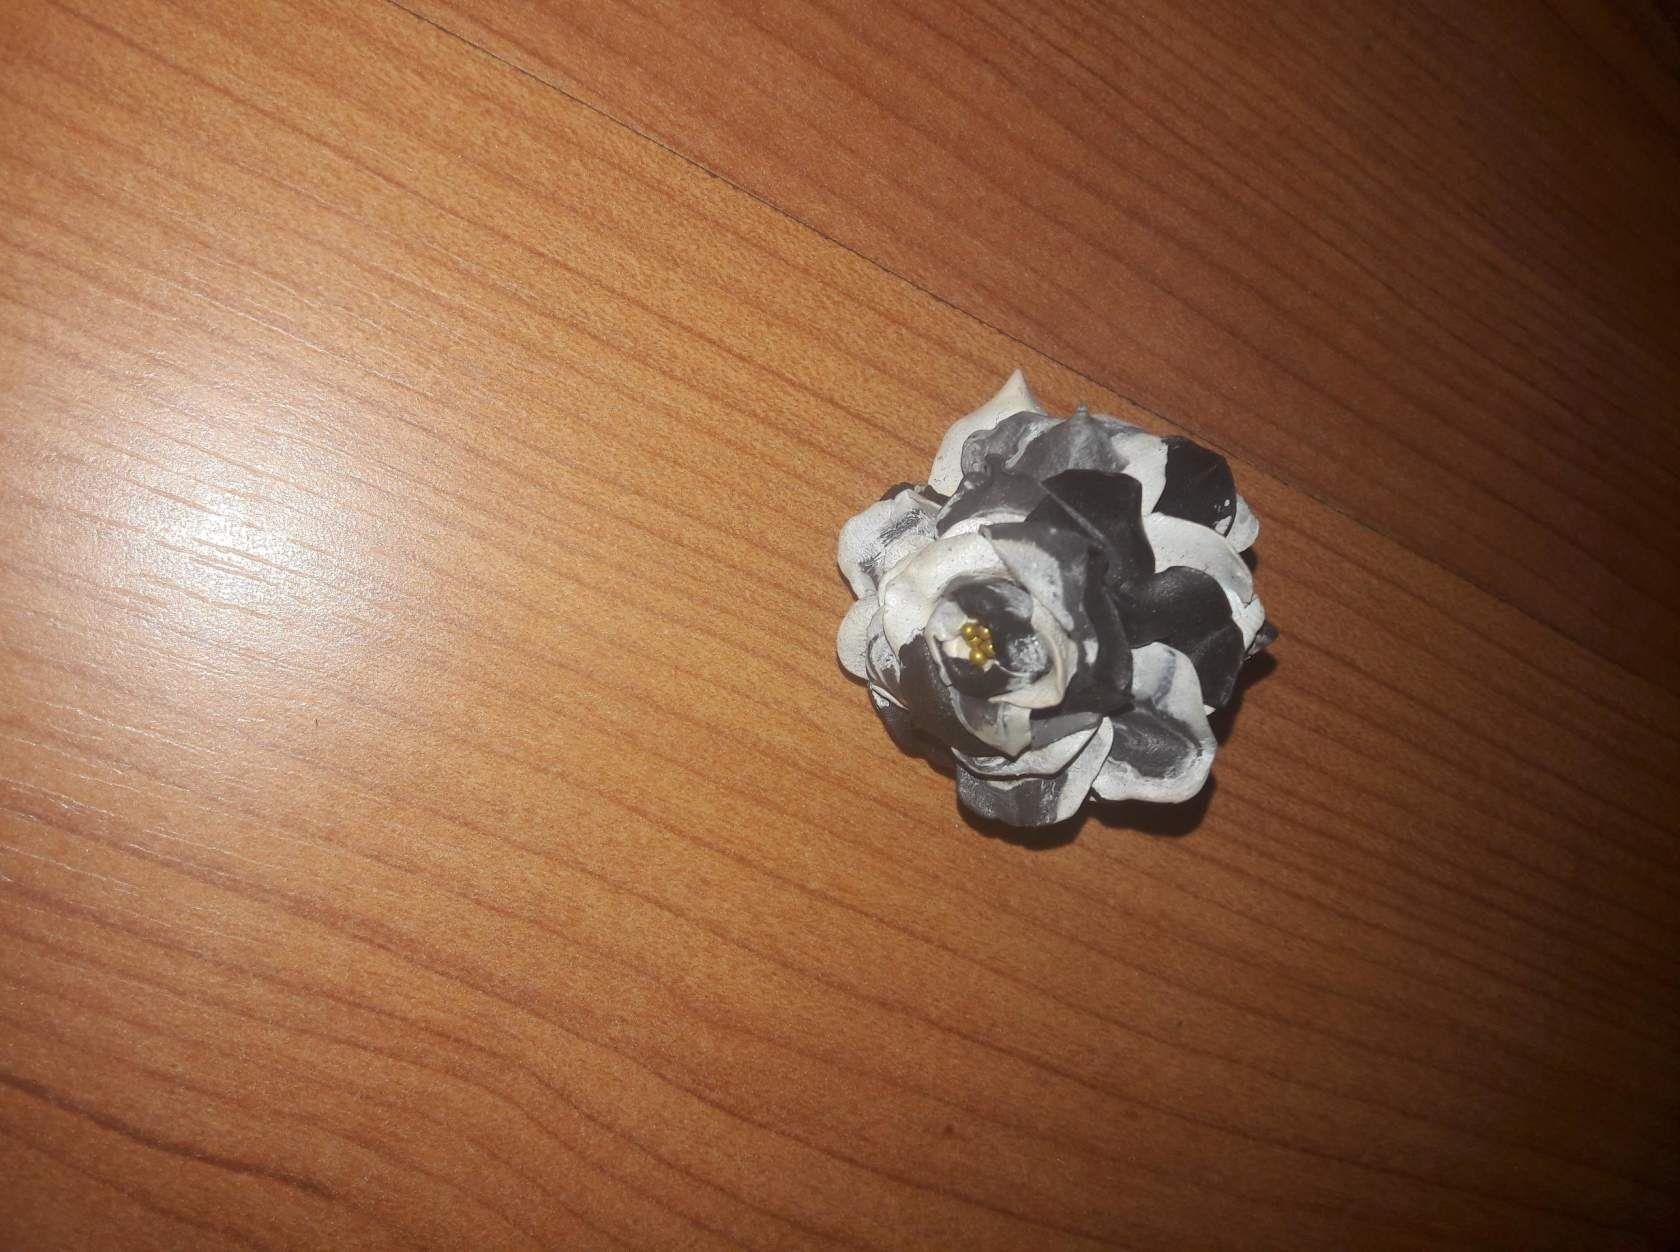 руками подарок эксклюзив цветок украшение хендмейд кольцо своими